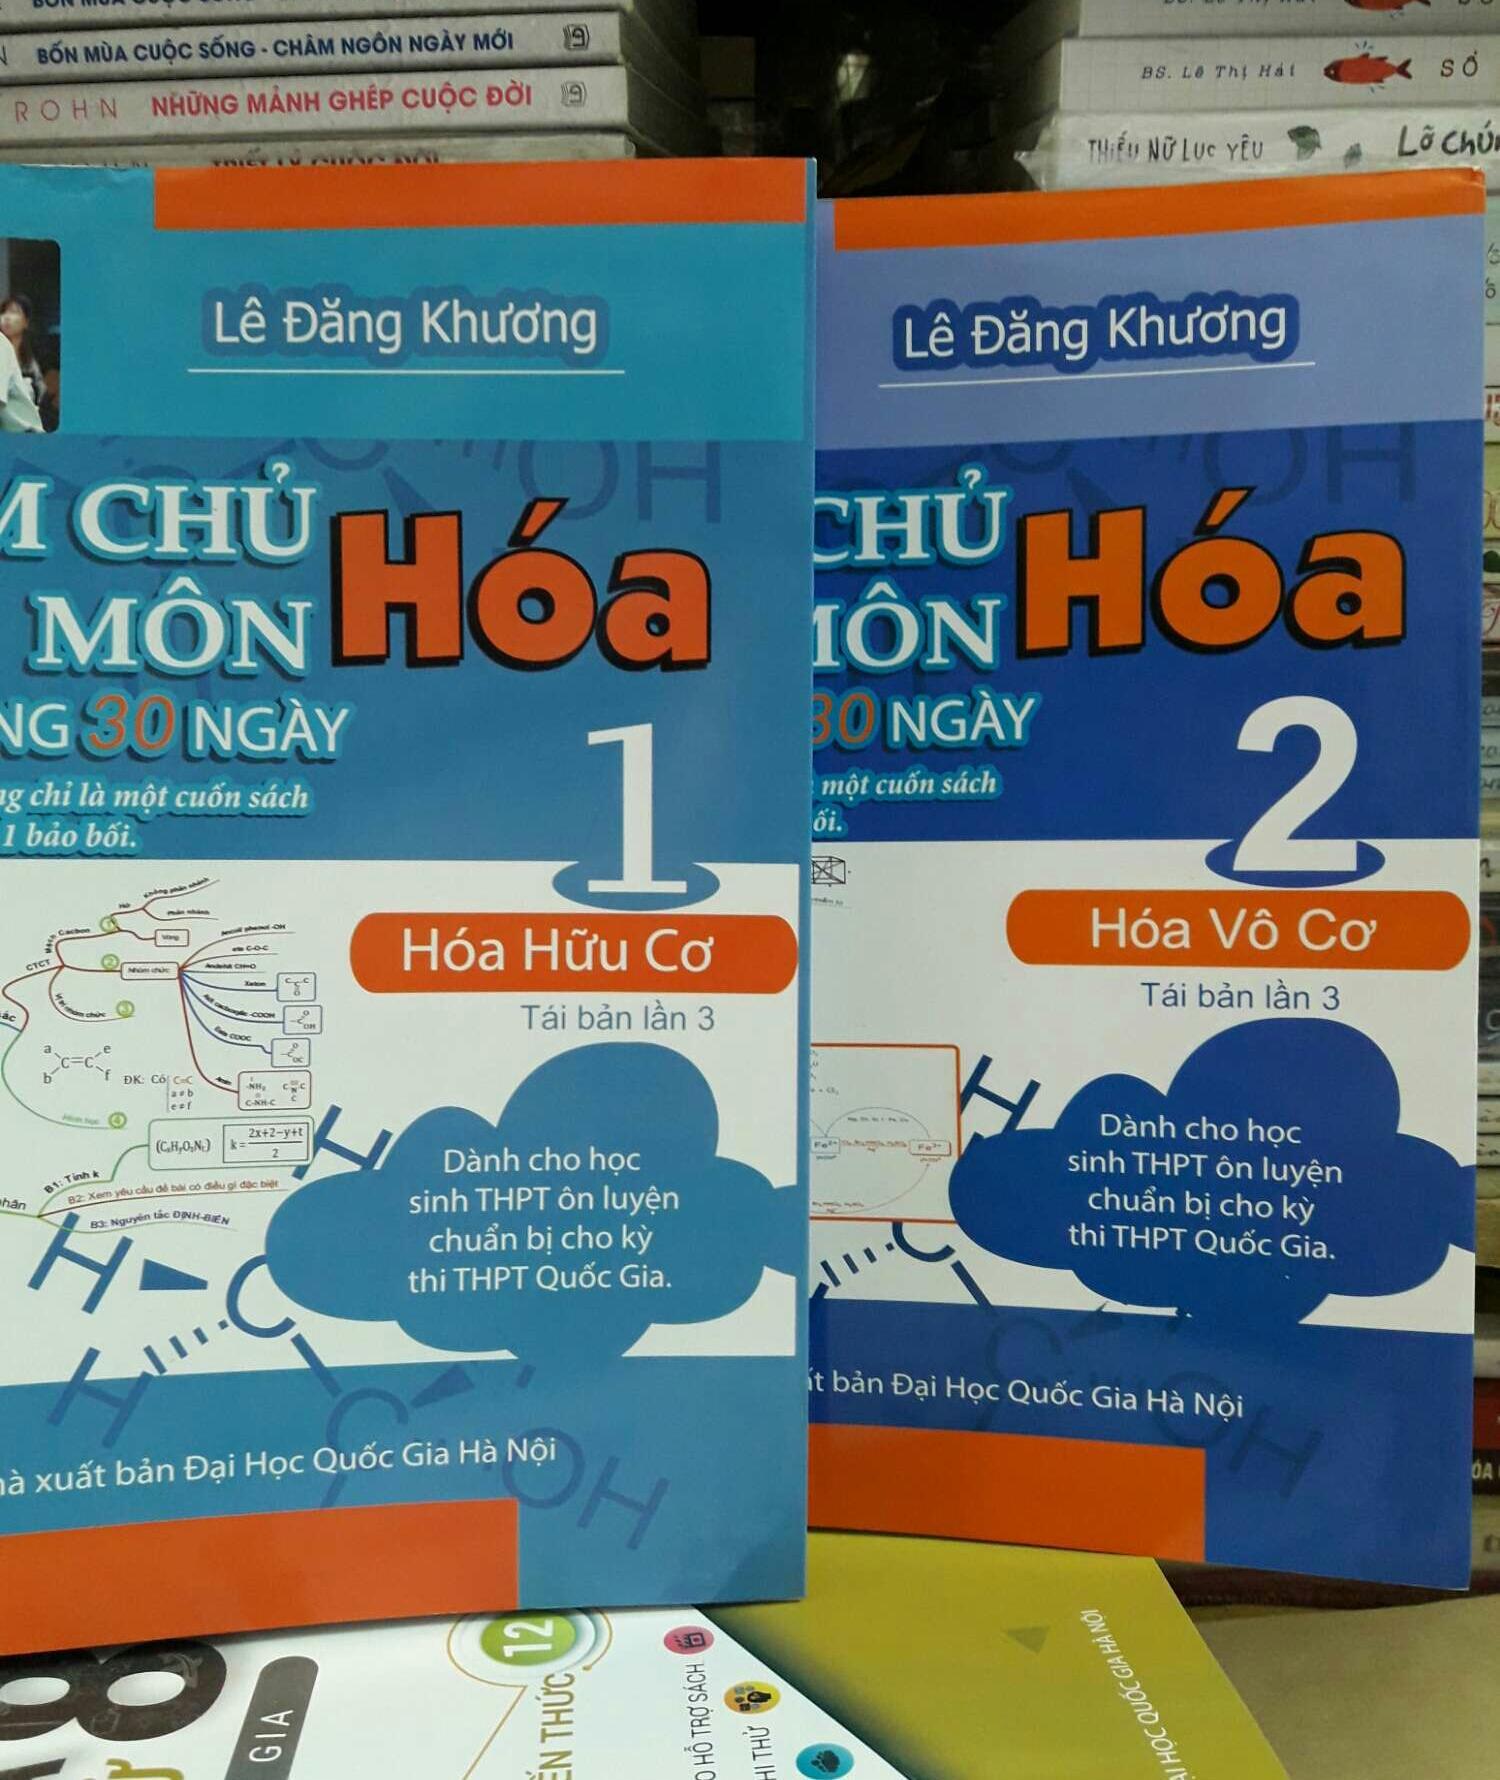 Mua Combo trọn bộ 2 tập: Làm chủ môn hóa trong 30 ngày.